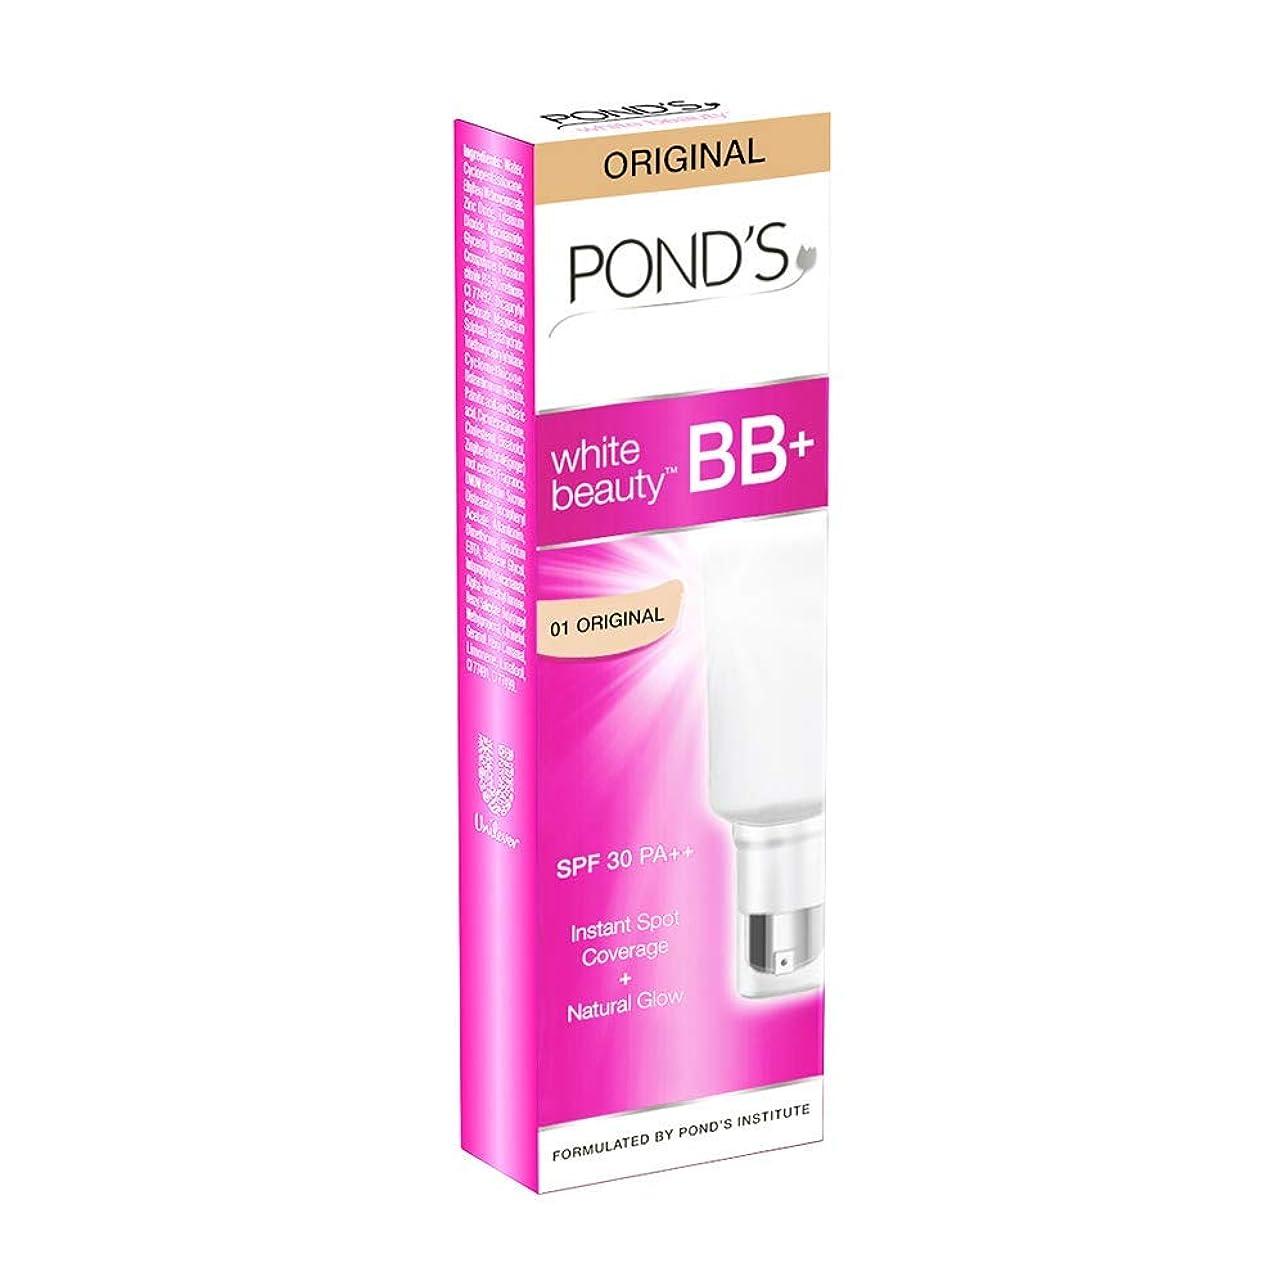 大臣アシュリータファーマン伝記POND'S White Beauty All-in-One BB+ Fairness Cream SPF 30 PA++, 18g (Pack of 3)